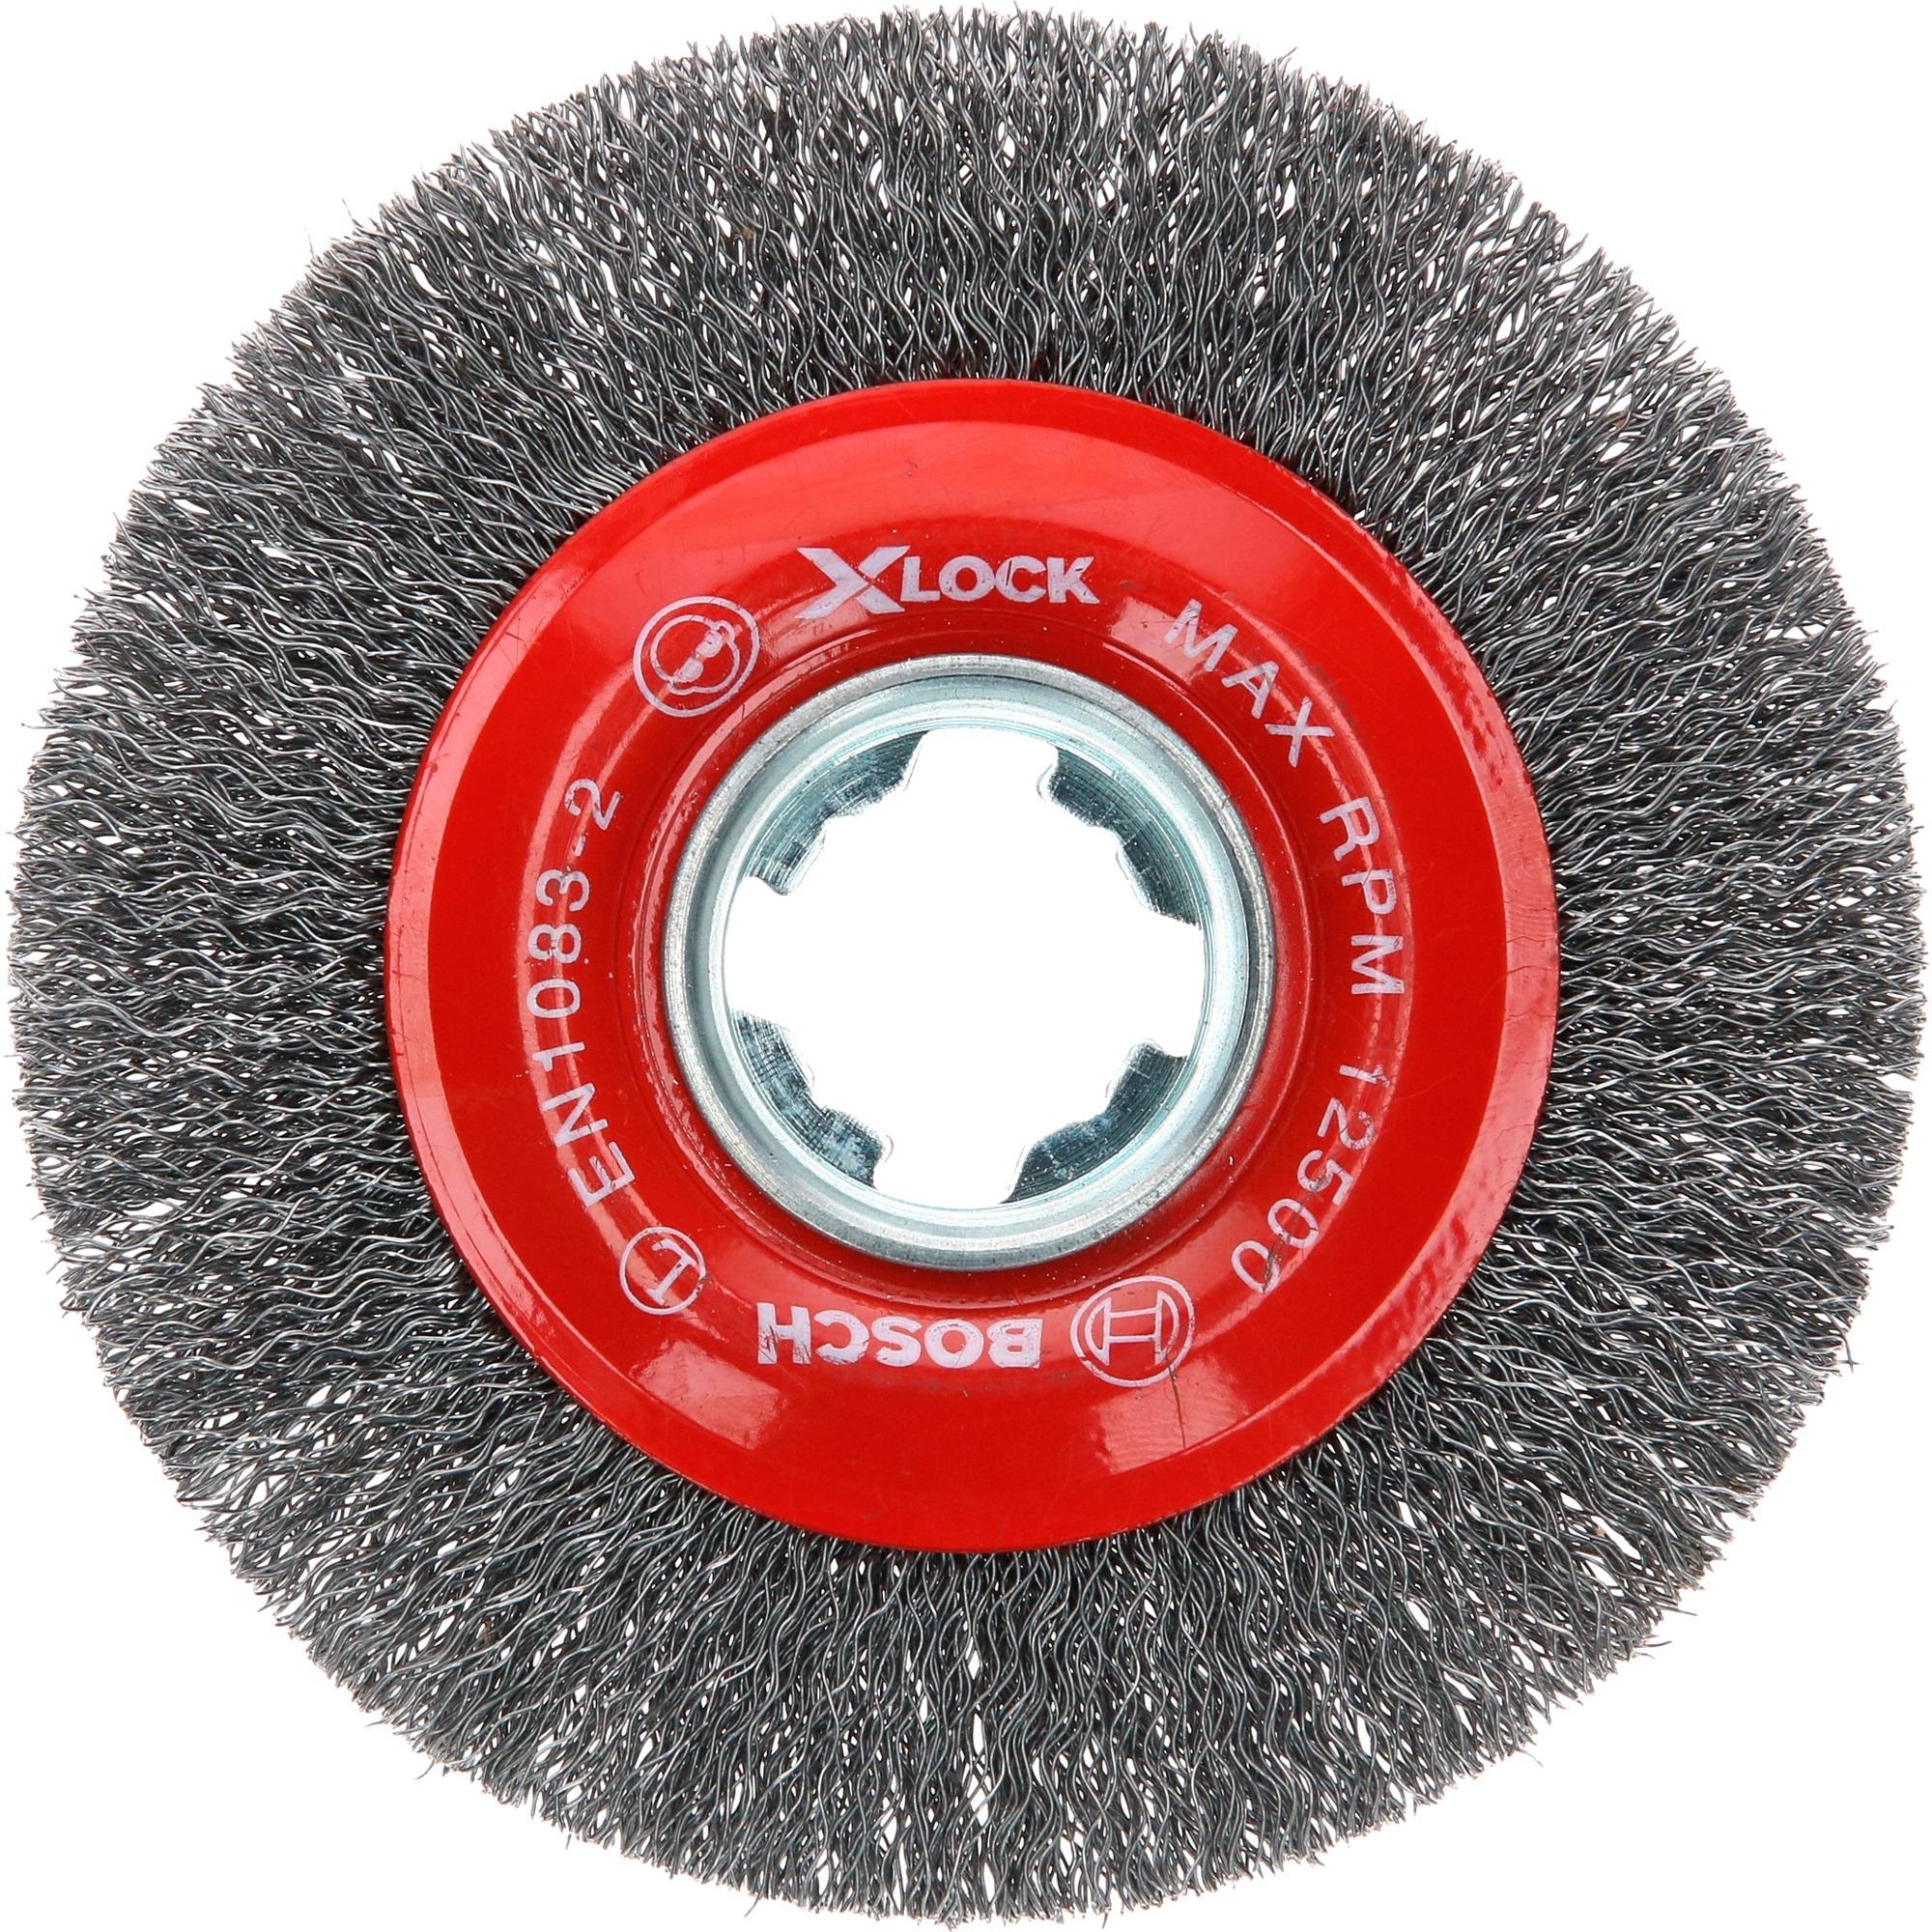 Image of X-LOCK Scheibenbürste Clean for Metal 115mm, gewellt